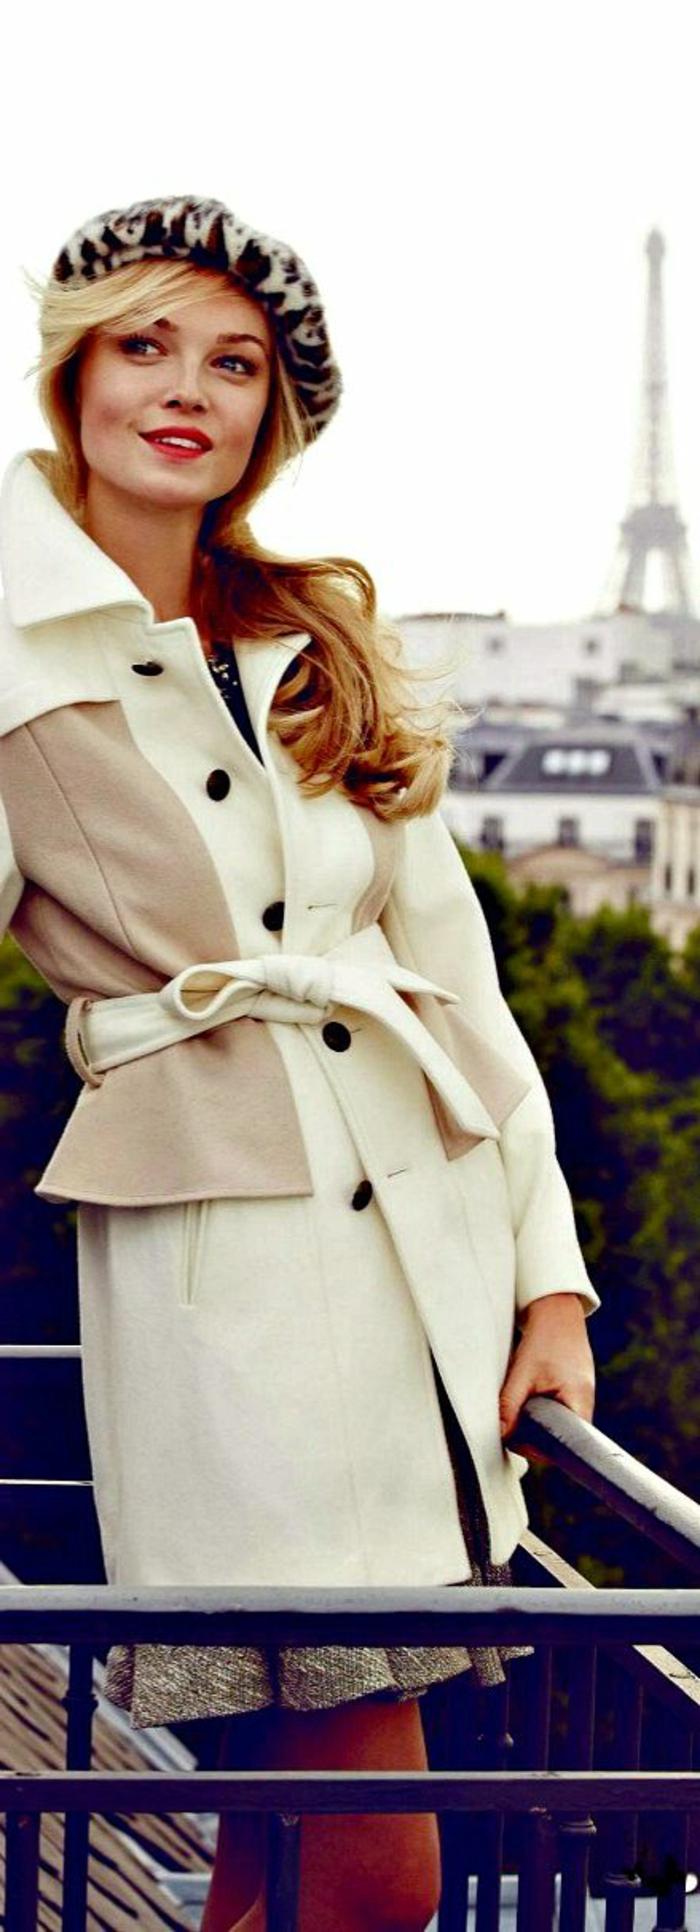 Straßenmode-französischer-Stil-extravagante-Mütze